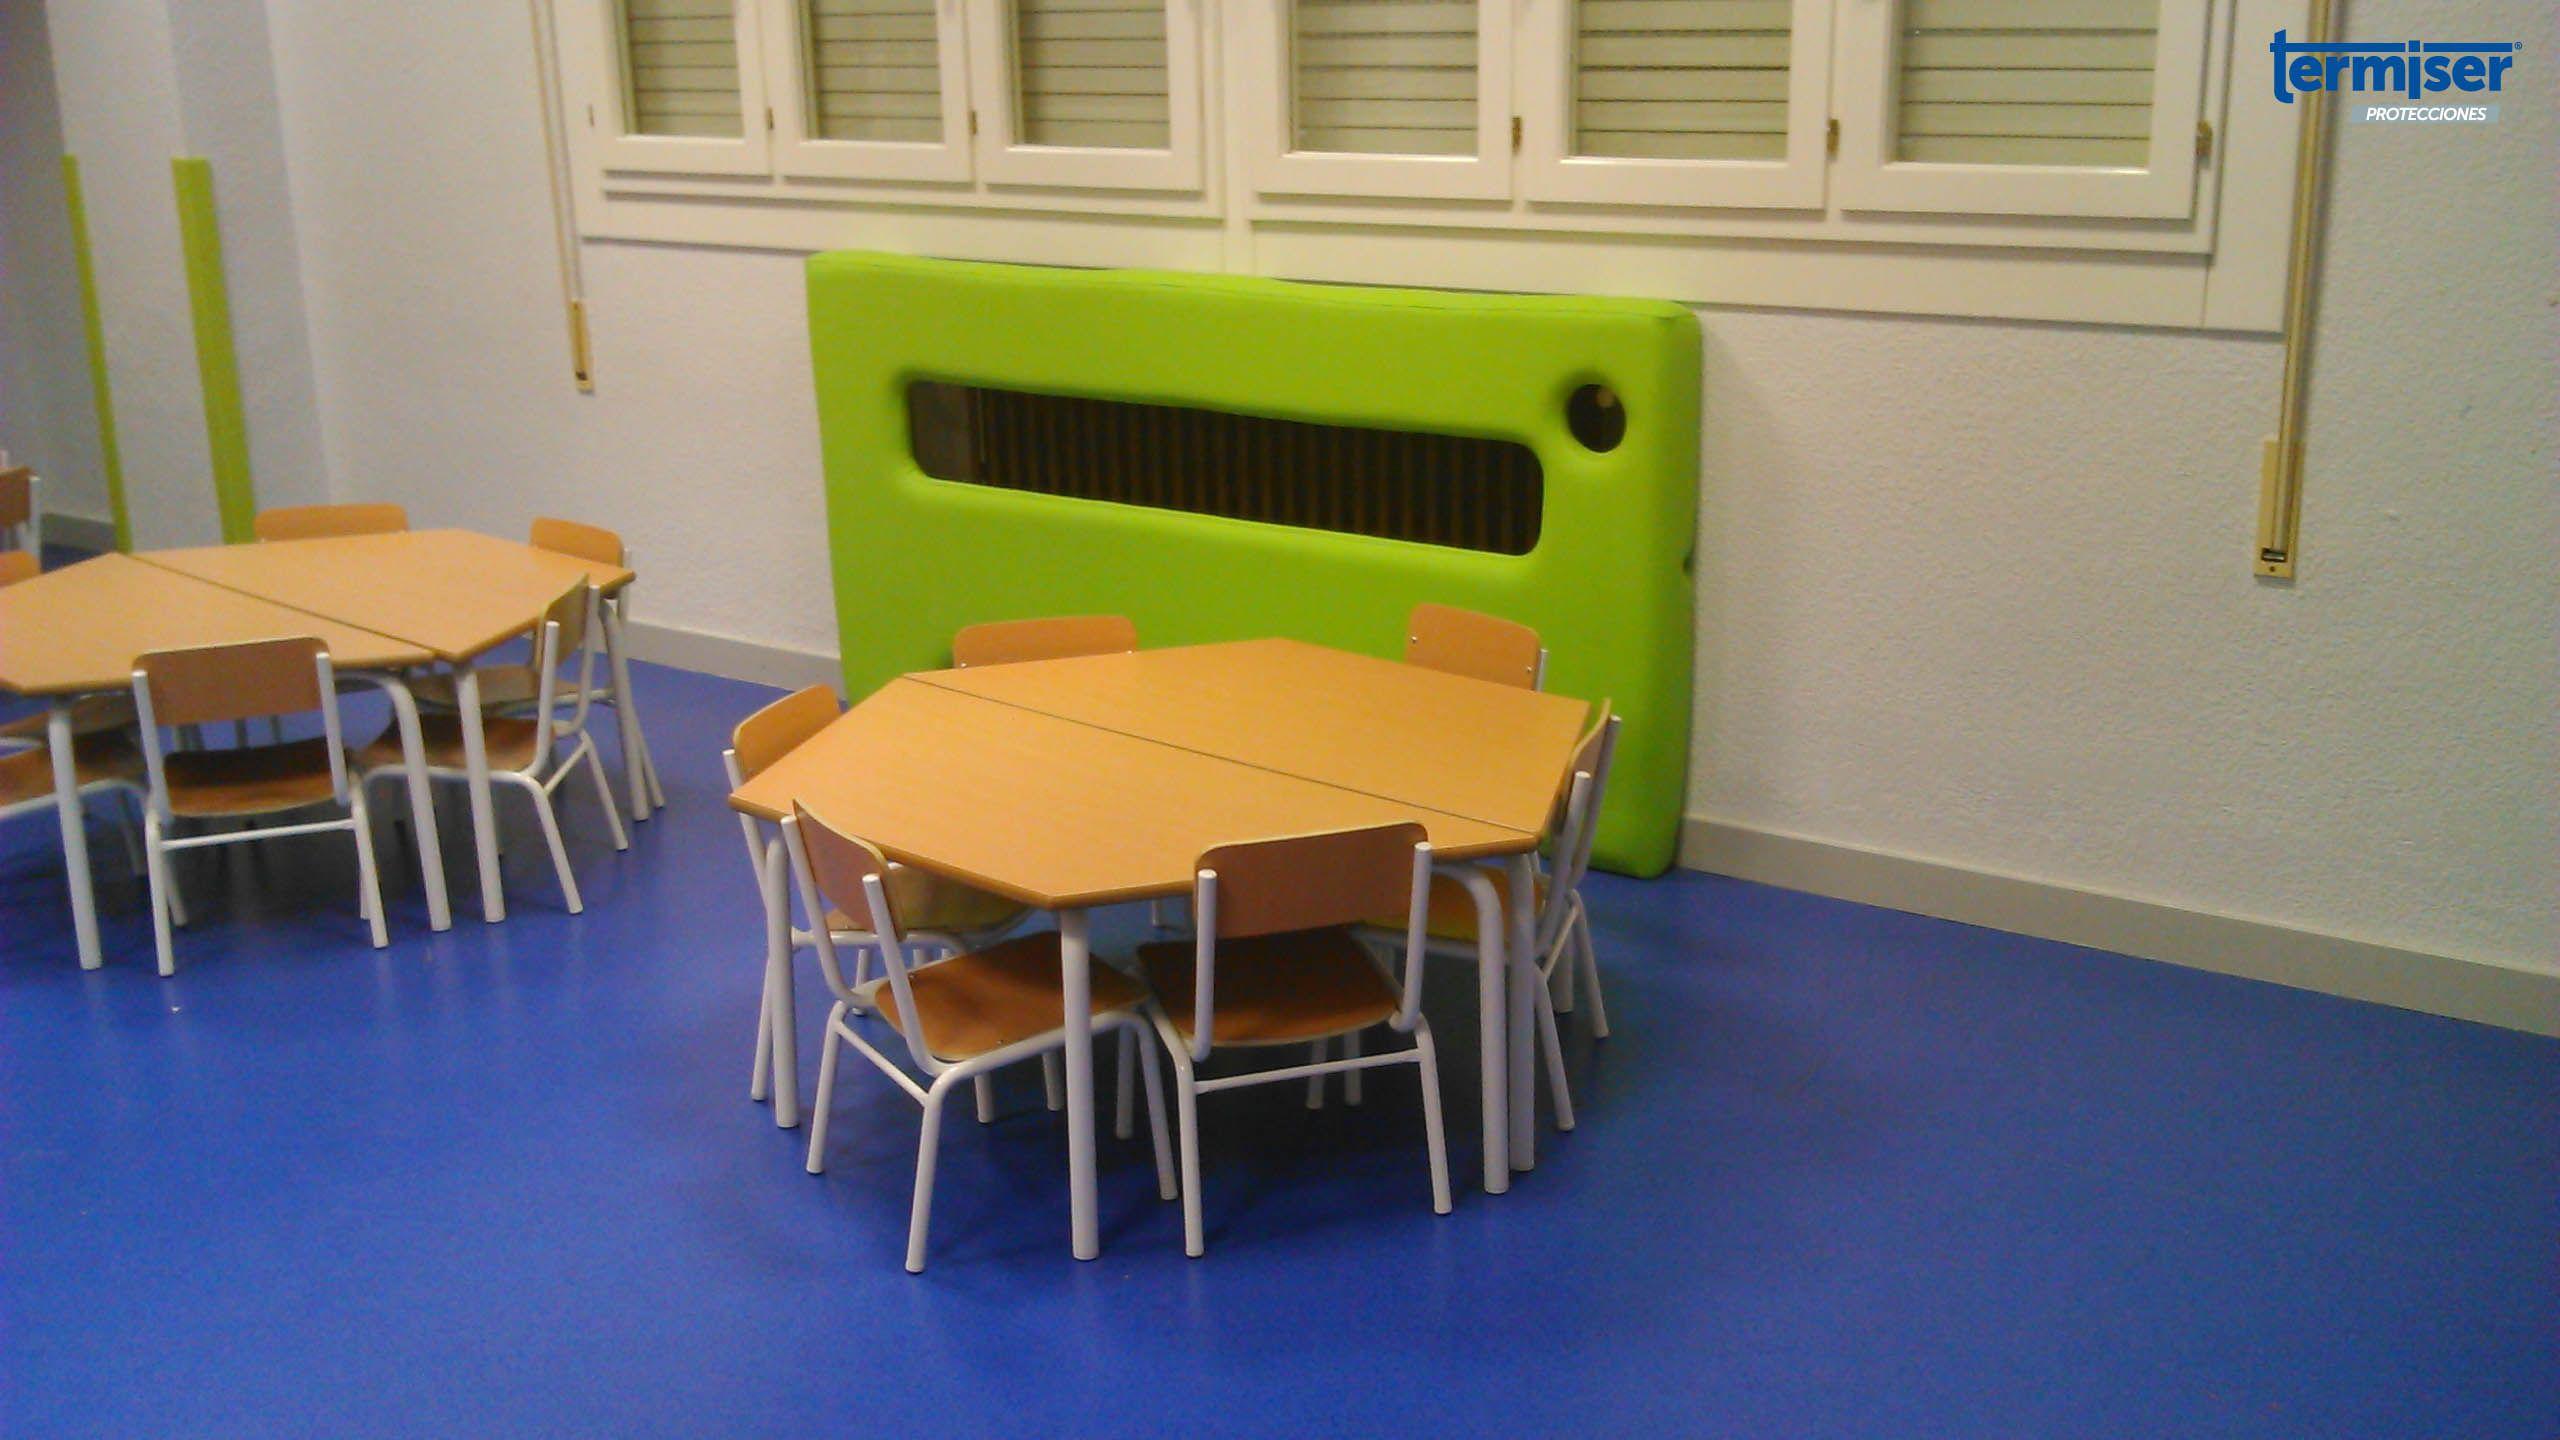 Se abre el debate sobre la seguridad de los menores en los colegios con la llegada de las funciones de Navidad